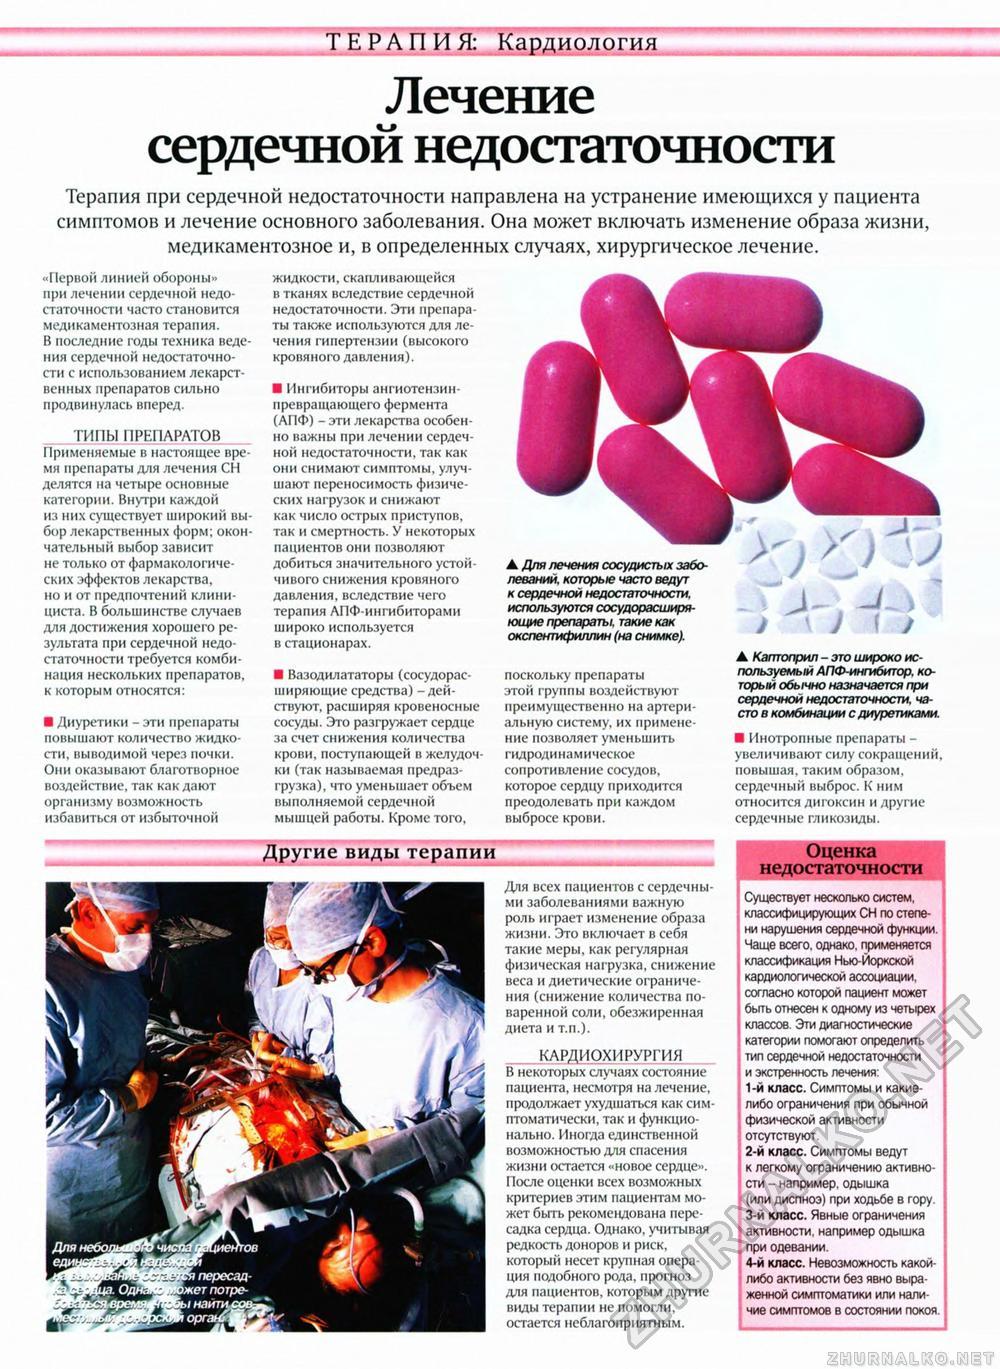 Как лечить сердечную недостаточность препараты